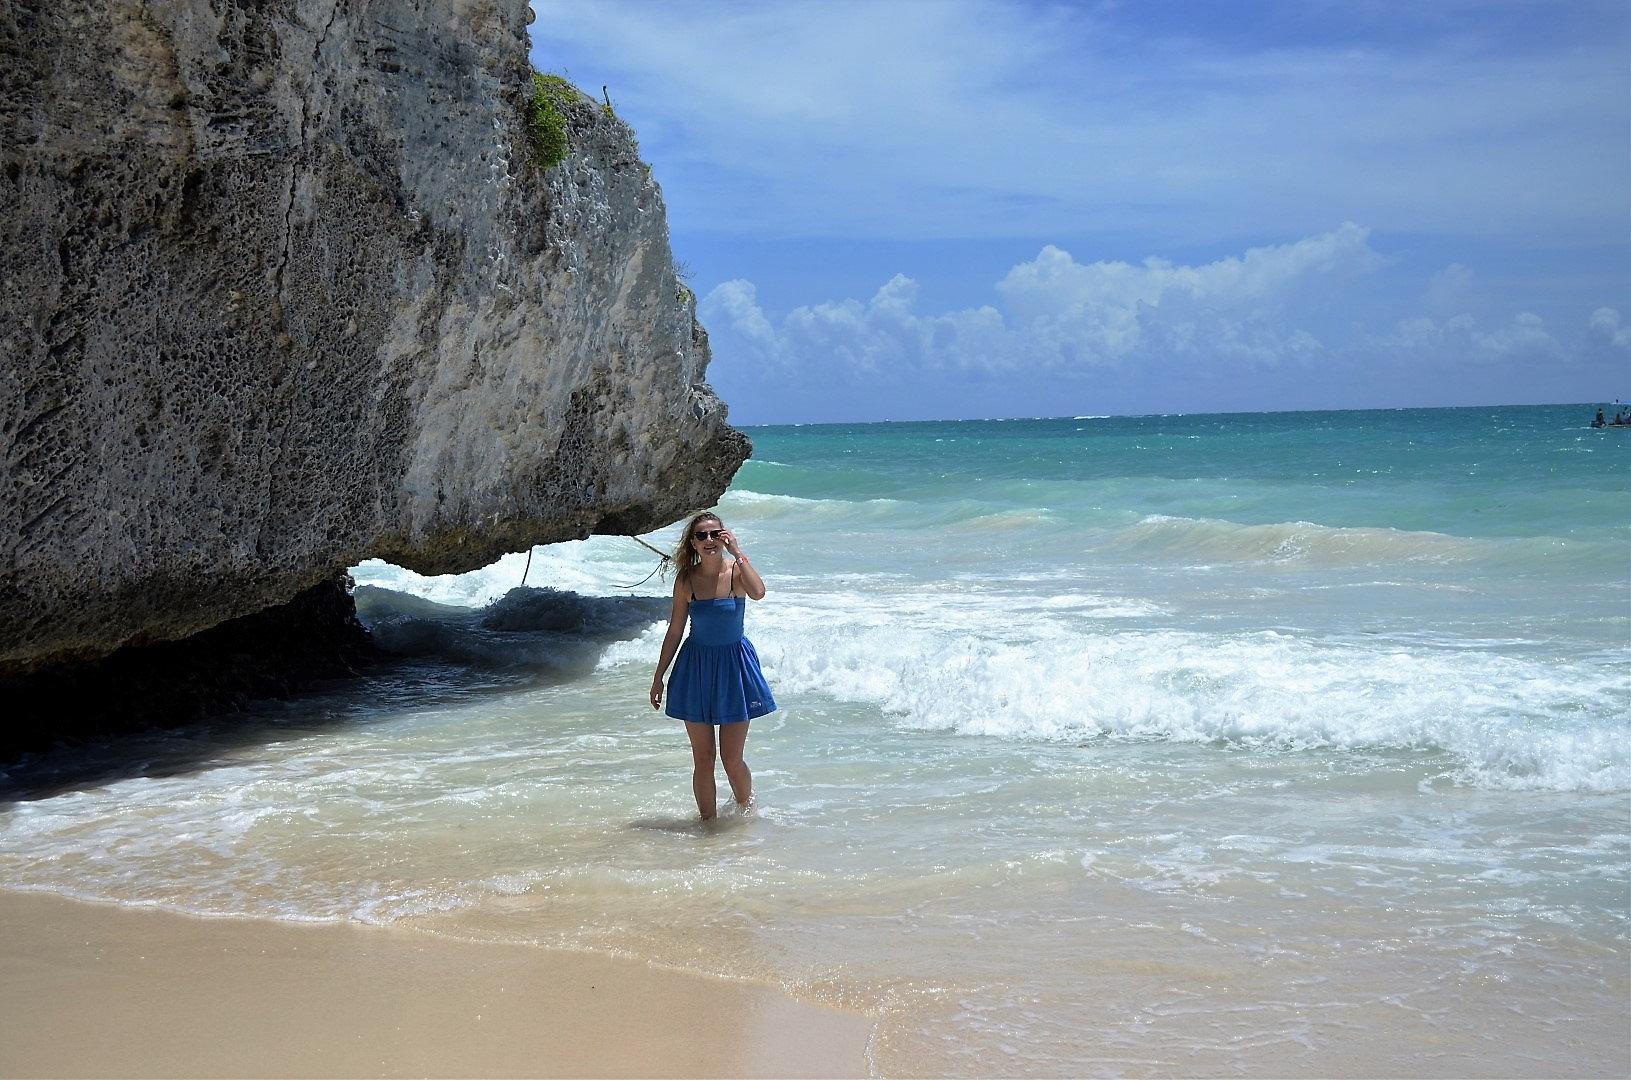 playa del carmen,tulum